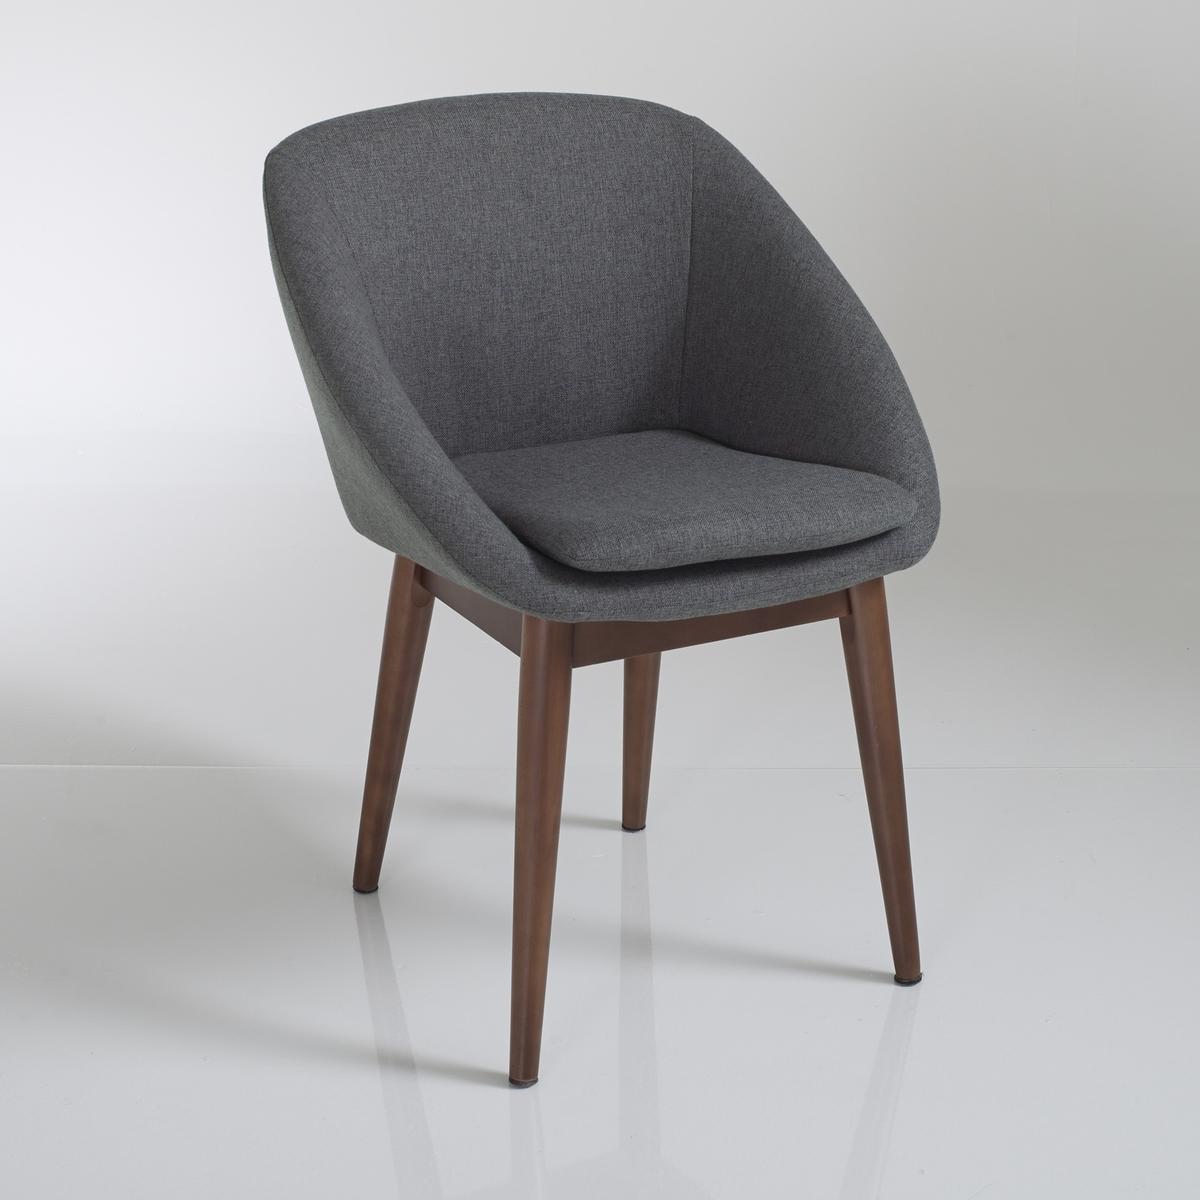 Кресло офисное WatfordРазмеры кресла  Watford :Длина : 56 см  Высота : 79 смГлубина : 54 смСиденье : 33 x 49 x 43 смОписание  :Сиденье-фанера и сталь .Крепится при помощи эластичных перекрещивающихся ремней Ножки из массива березы, лаковое покрытие под орех Обивка 100% полиэстер .Комфорт :Каркас:обивка-полиуретановая пена, 24 кг/м3.Доставка :Поставляется в полуразобранном виде (ножки привинчиваются). Возможна доставка до квартиры !Размеры и вес ящика :1 упаковка64 x 32x 62 см, 9 кг<br><br>Цвет: антрацит